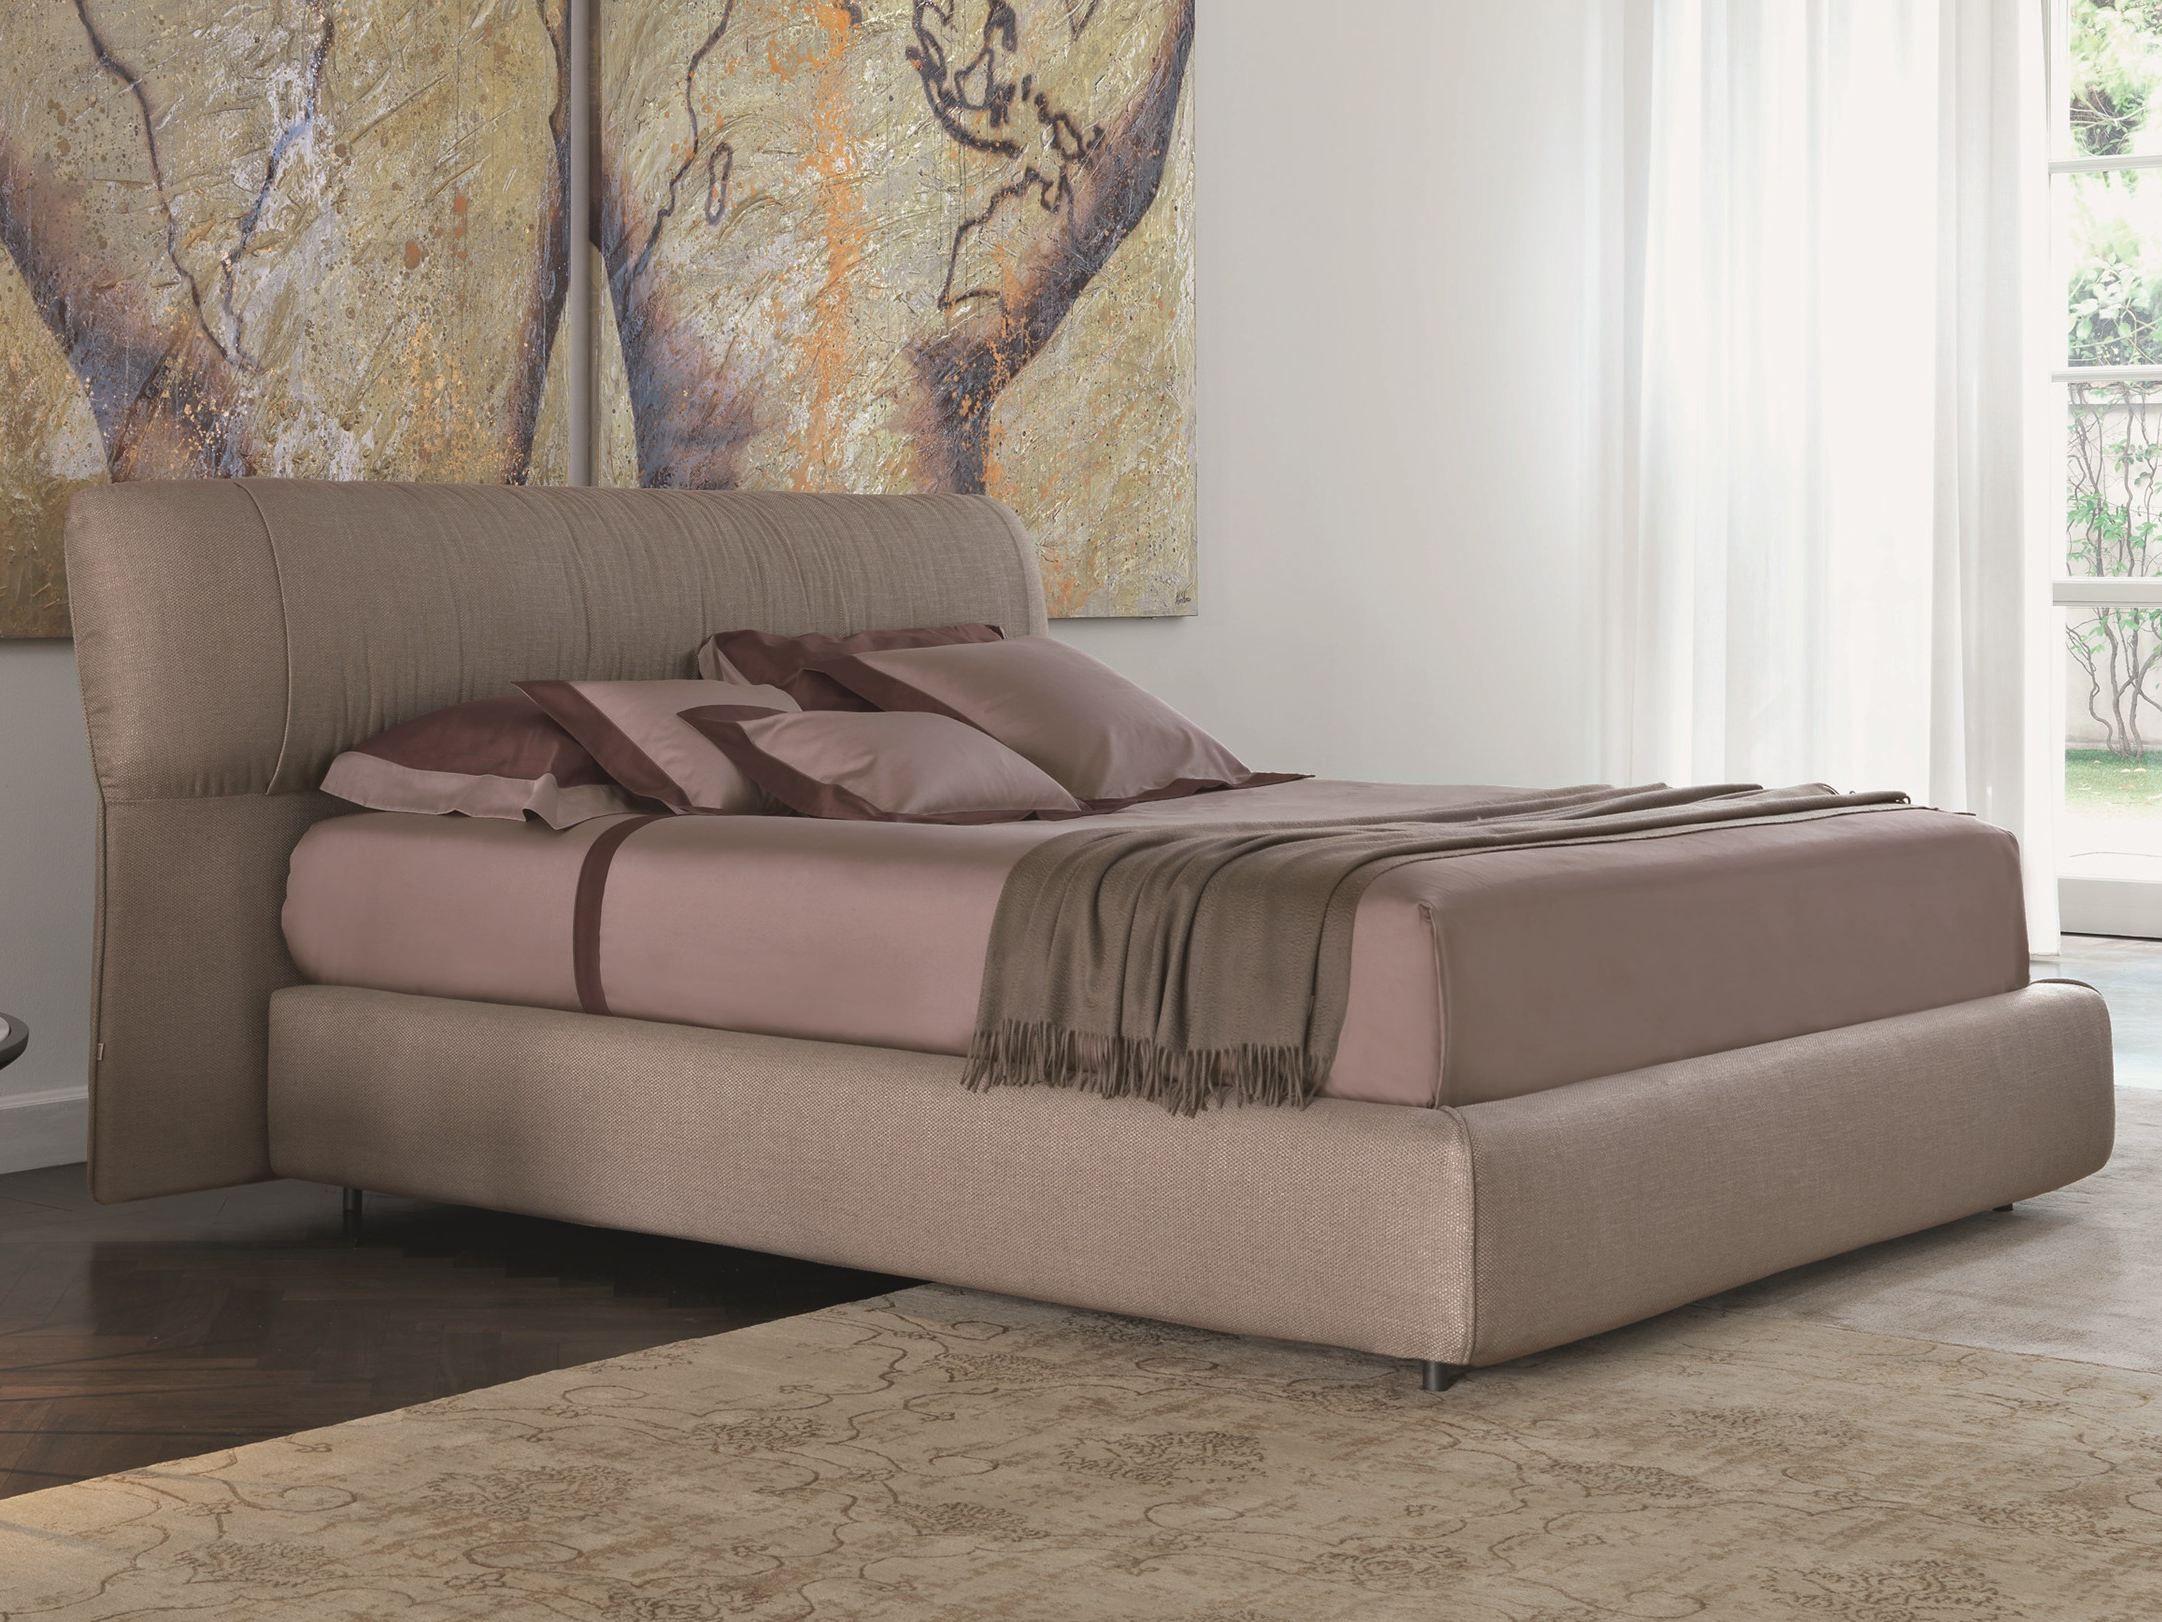 Bett Flou flou comfort mattress 160x200x26cm beds comfort